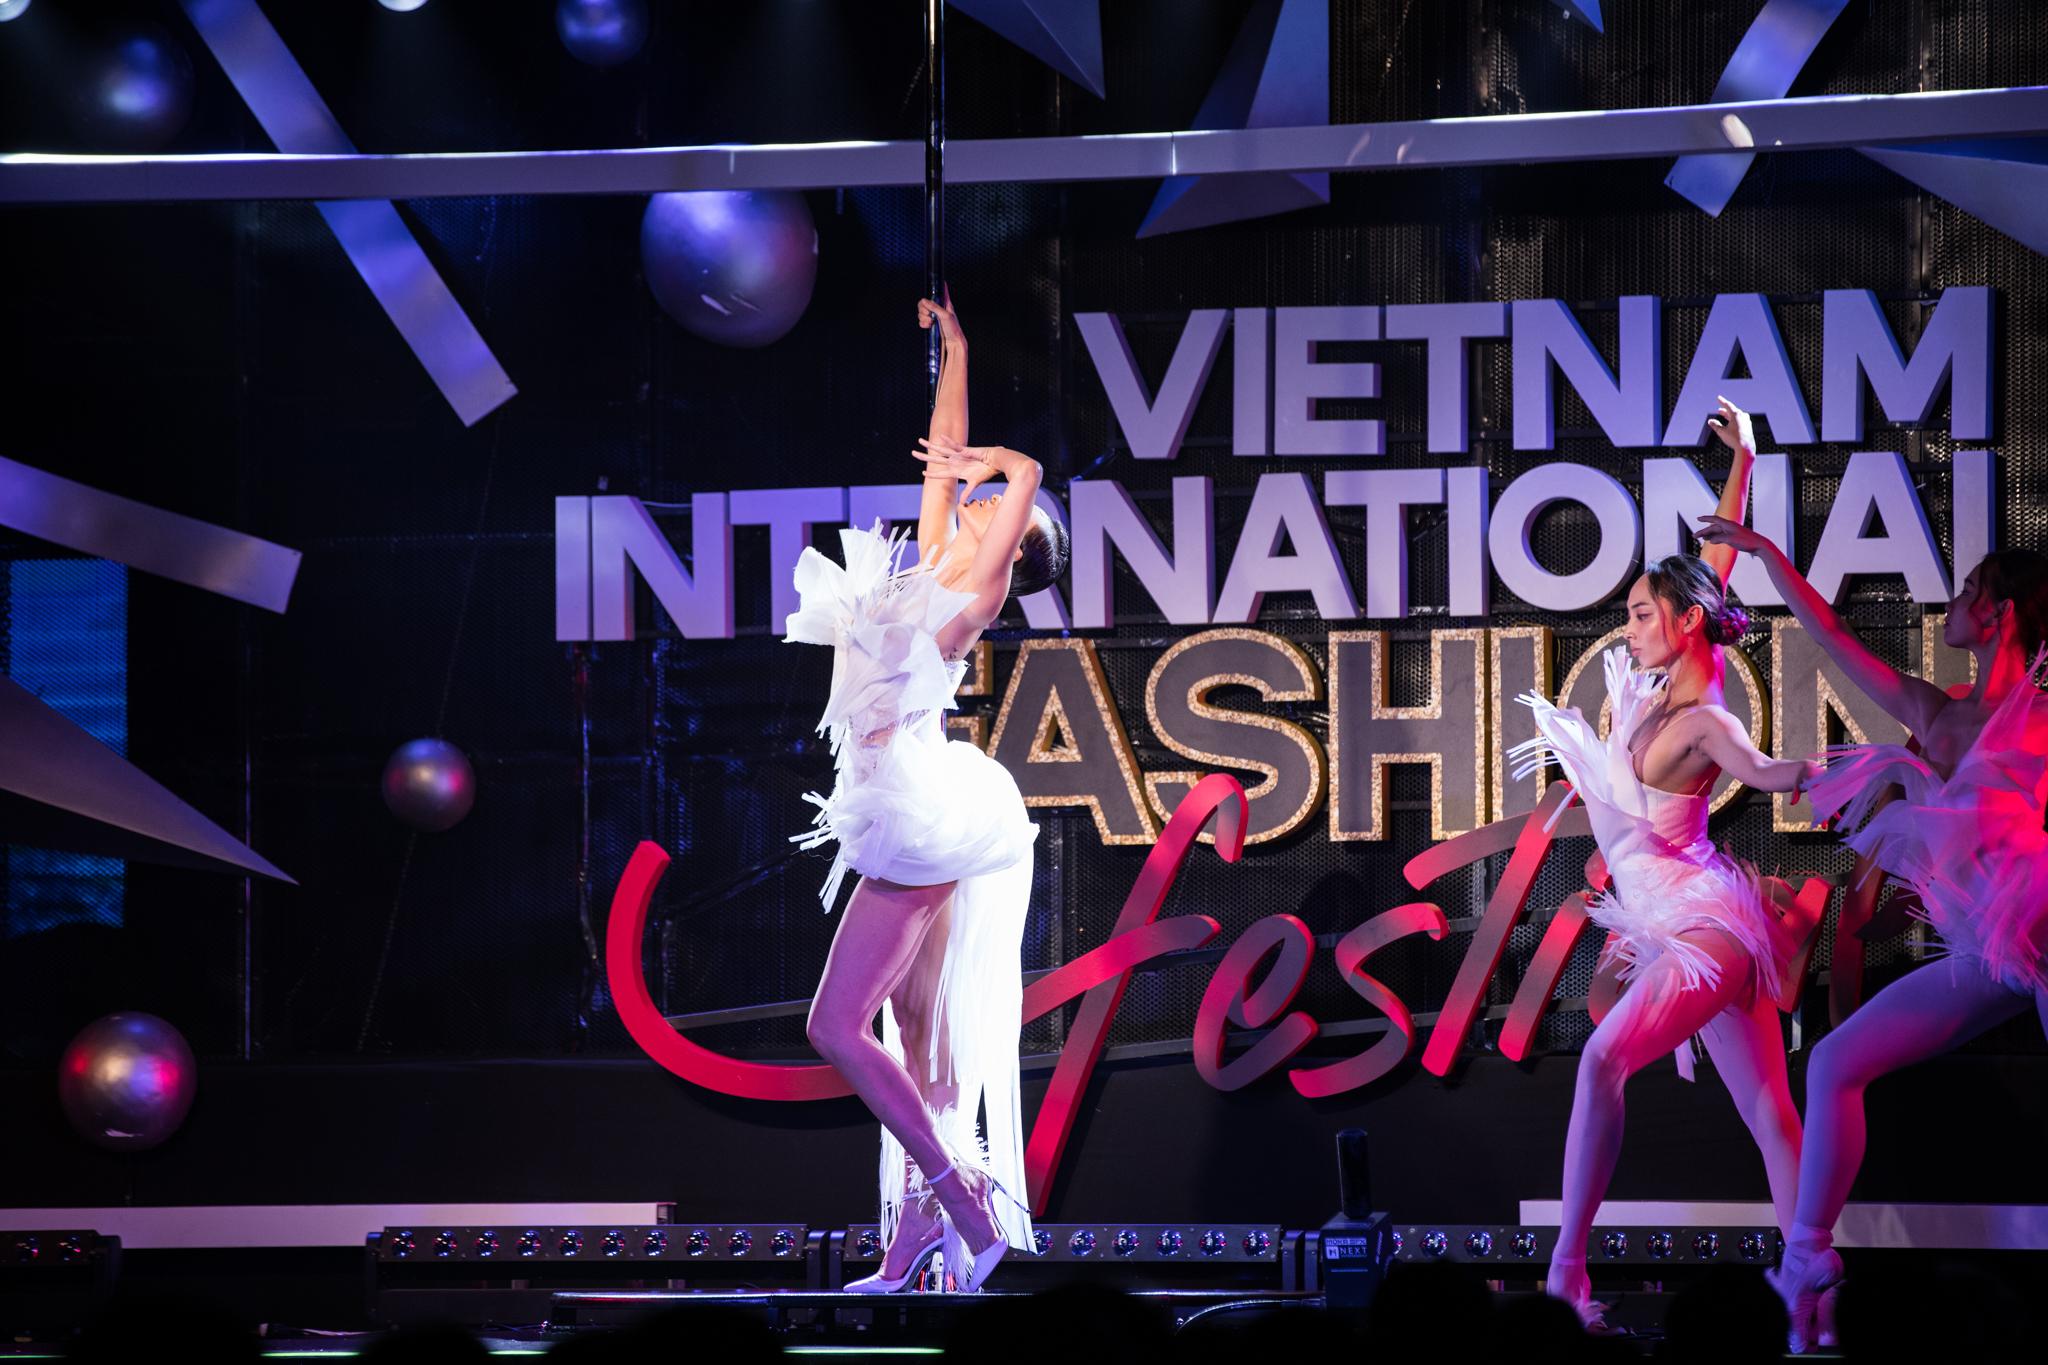 Phương Mai hóa thân thành vũ công múa cột, Võ Hoàng Yến nhảy múa tung tăng trên sàn rumway ngày cuối Fashion Festival - Ảnh 7.